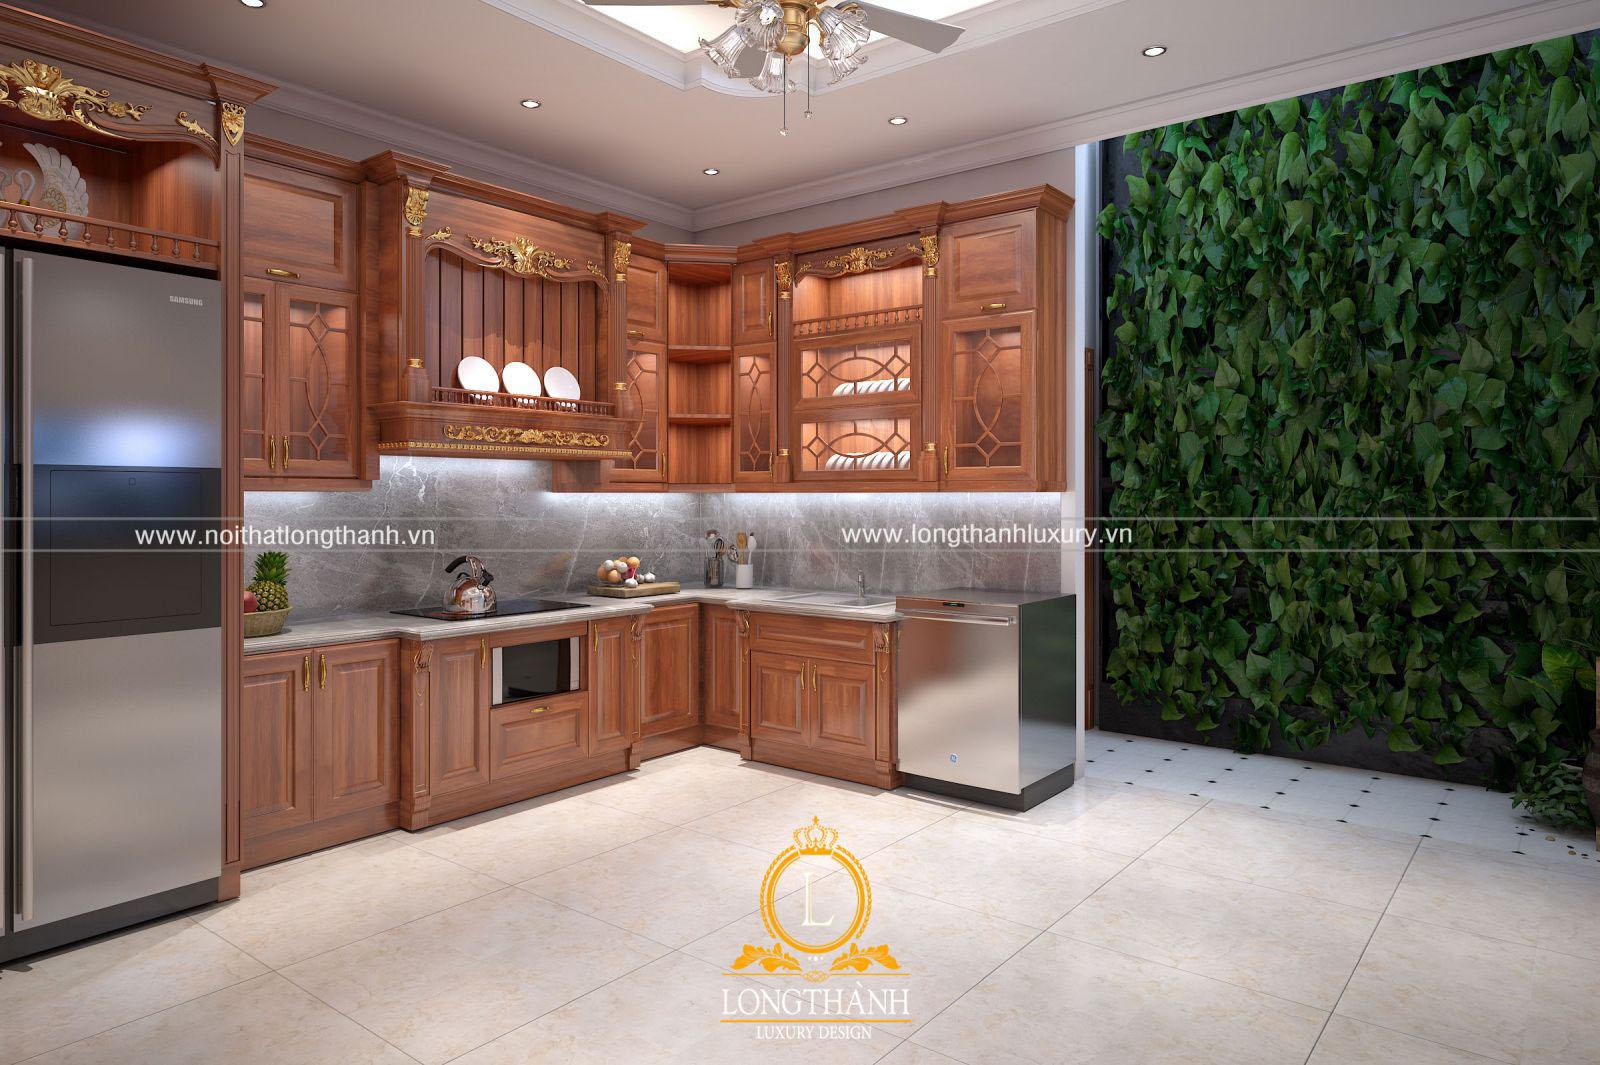 Tủ bếp gỗ Gõ đẹp LT53 góc nhìn thứ 2